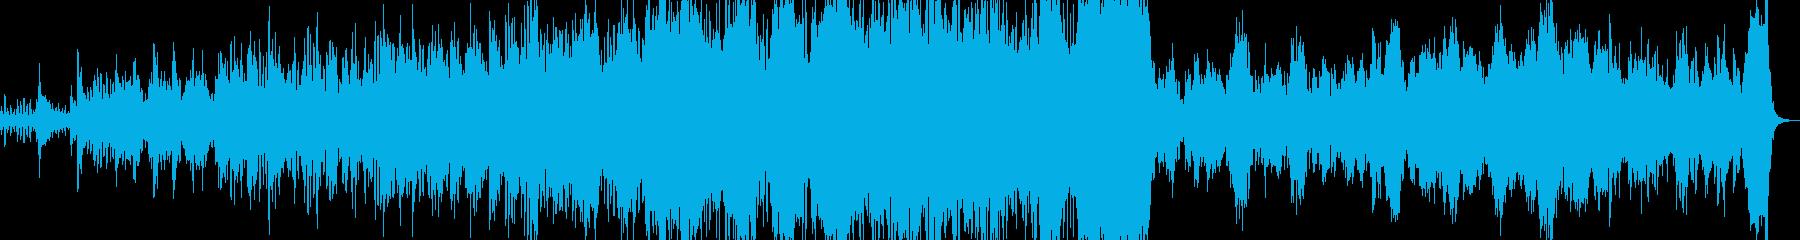 三拍子の優雅なワルツの再生済みの波形